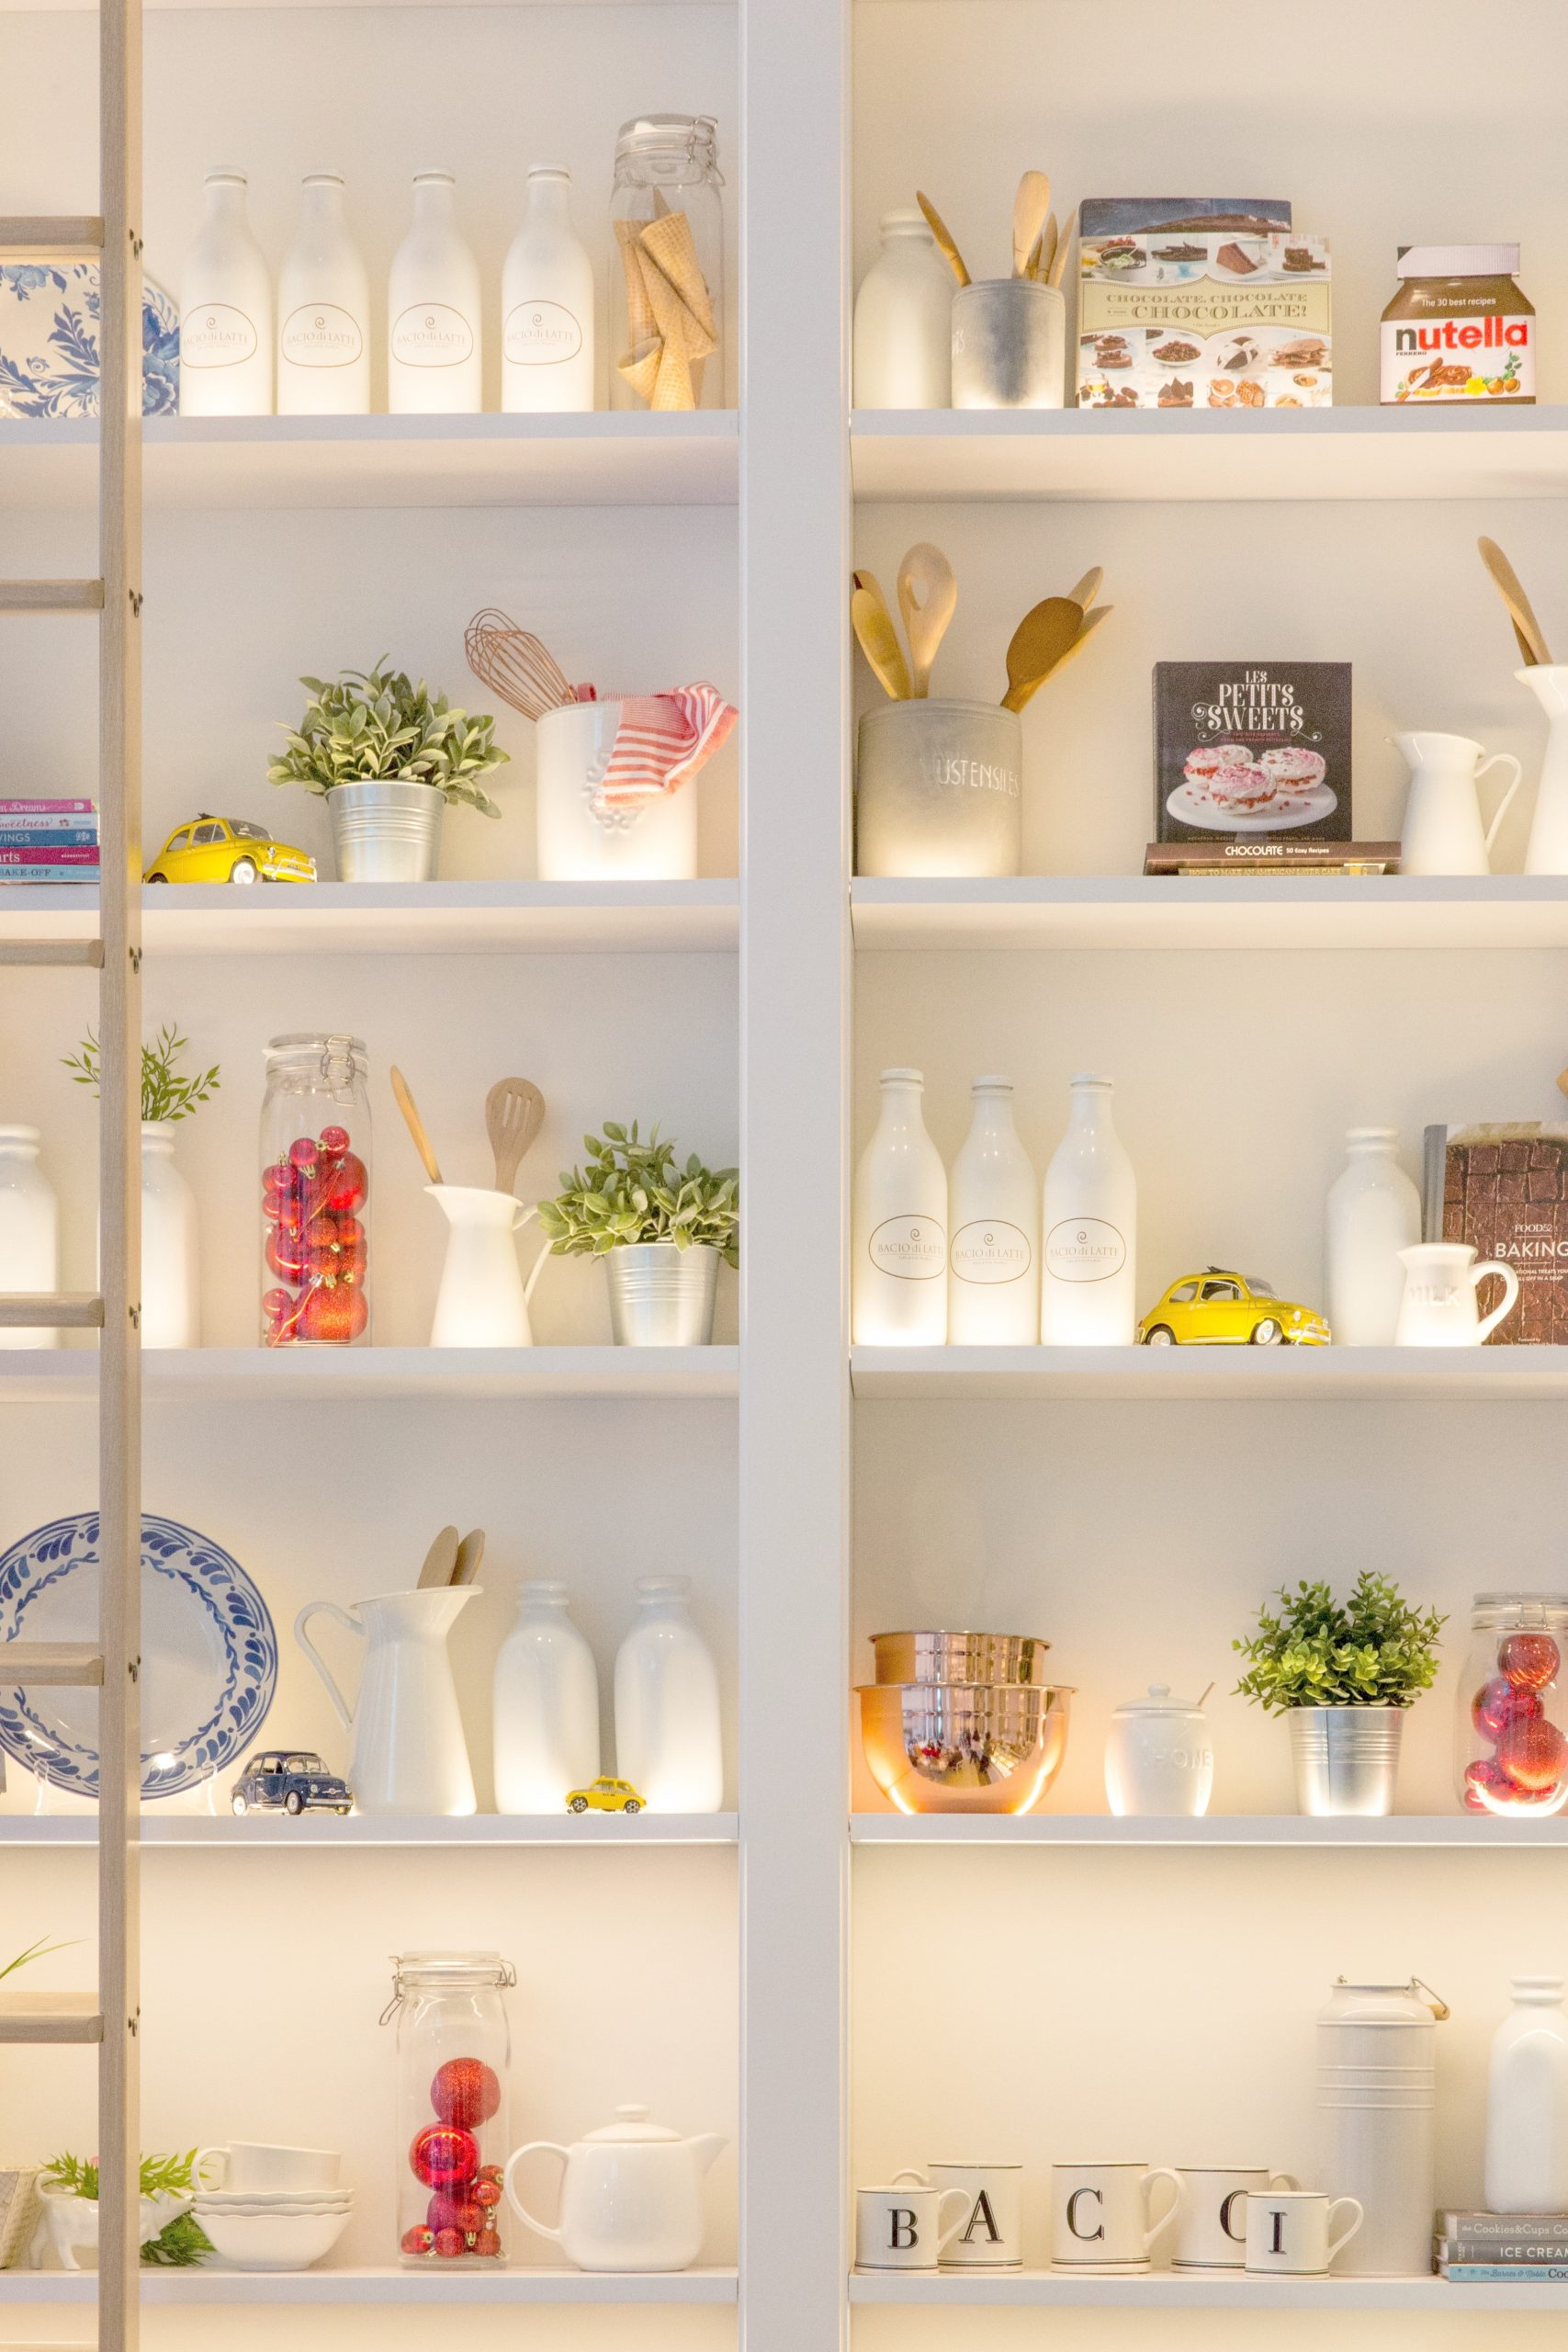 Organized shelf in a home.